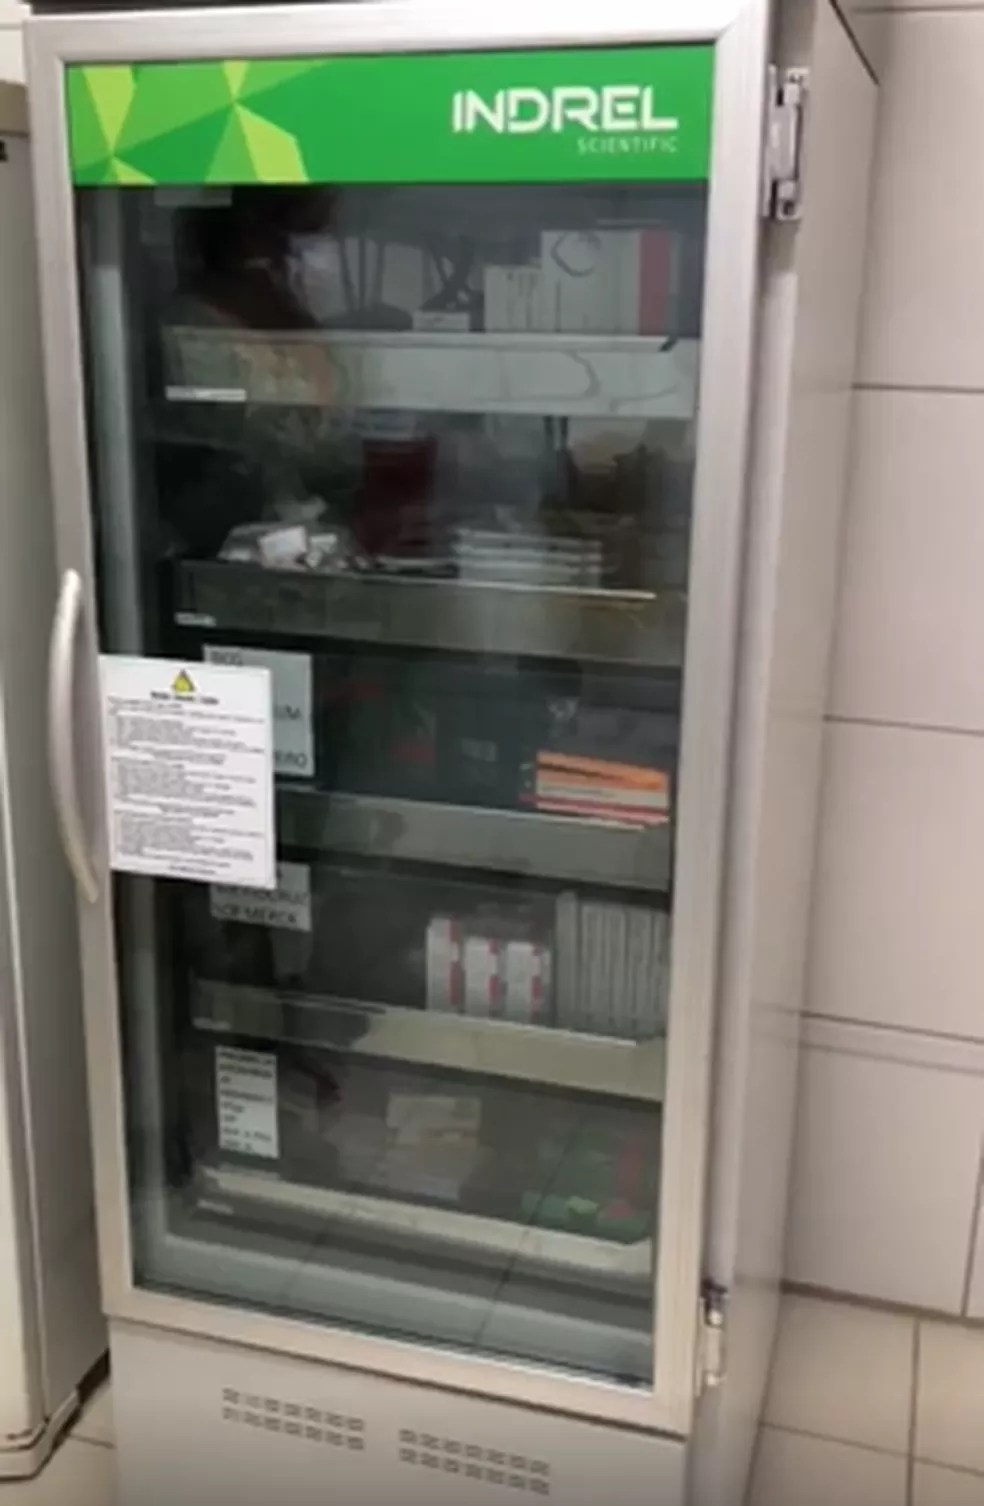 Rio Bananal perdeu todas as doses disponíveis de vacinas contra a Covid-19 — Foto: Divulgação/Prefeitura de Rio Bananal